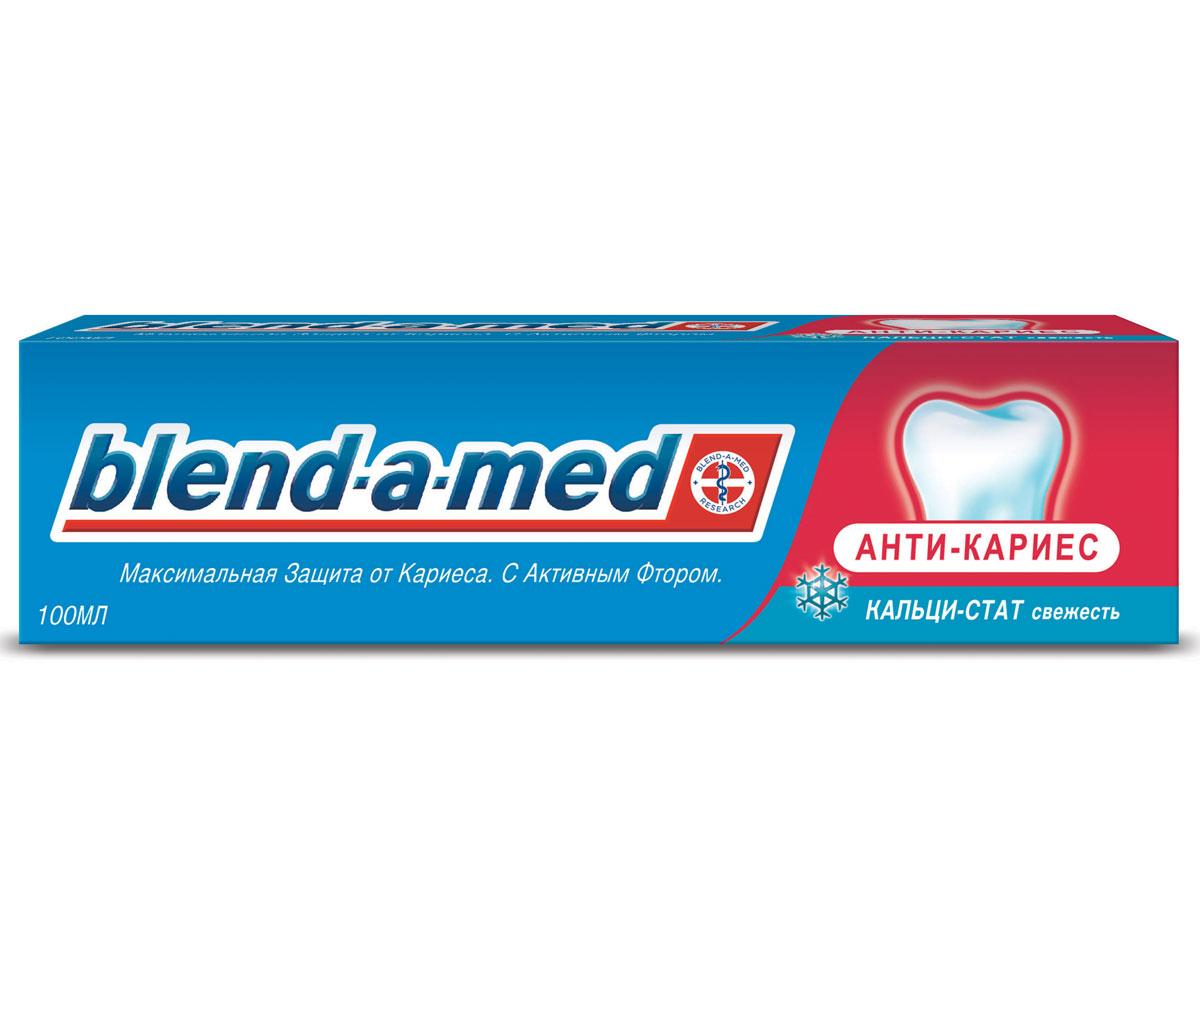 Blend-a-med Зубная паста Анти-кариес. Свежесть, 100 млBM-81345137Зубная паста Blend-a-med Анти-кариес. Свежесть - это максимальная защита от кариеса. Благодаря ее уникальной формуле с активным фтором, который способствует поступлению естественного кальция и минеральных элементов в состав зубной эмали, помогает остановить развитие кариеса на самой ранней стадии его образования. Характеристики: Объем: 100 мл. Производитель: Китай. Товар сертифицирован.